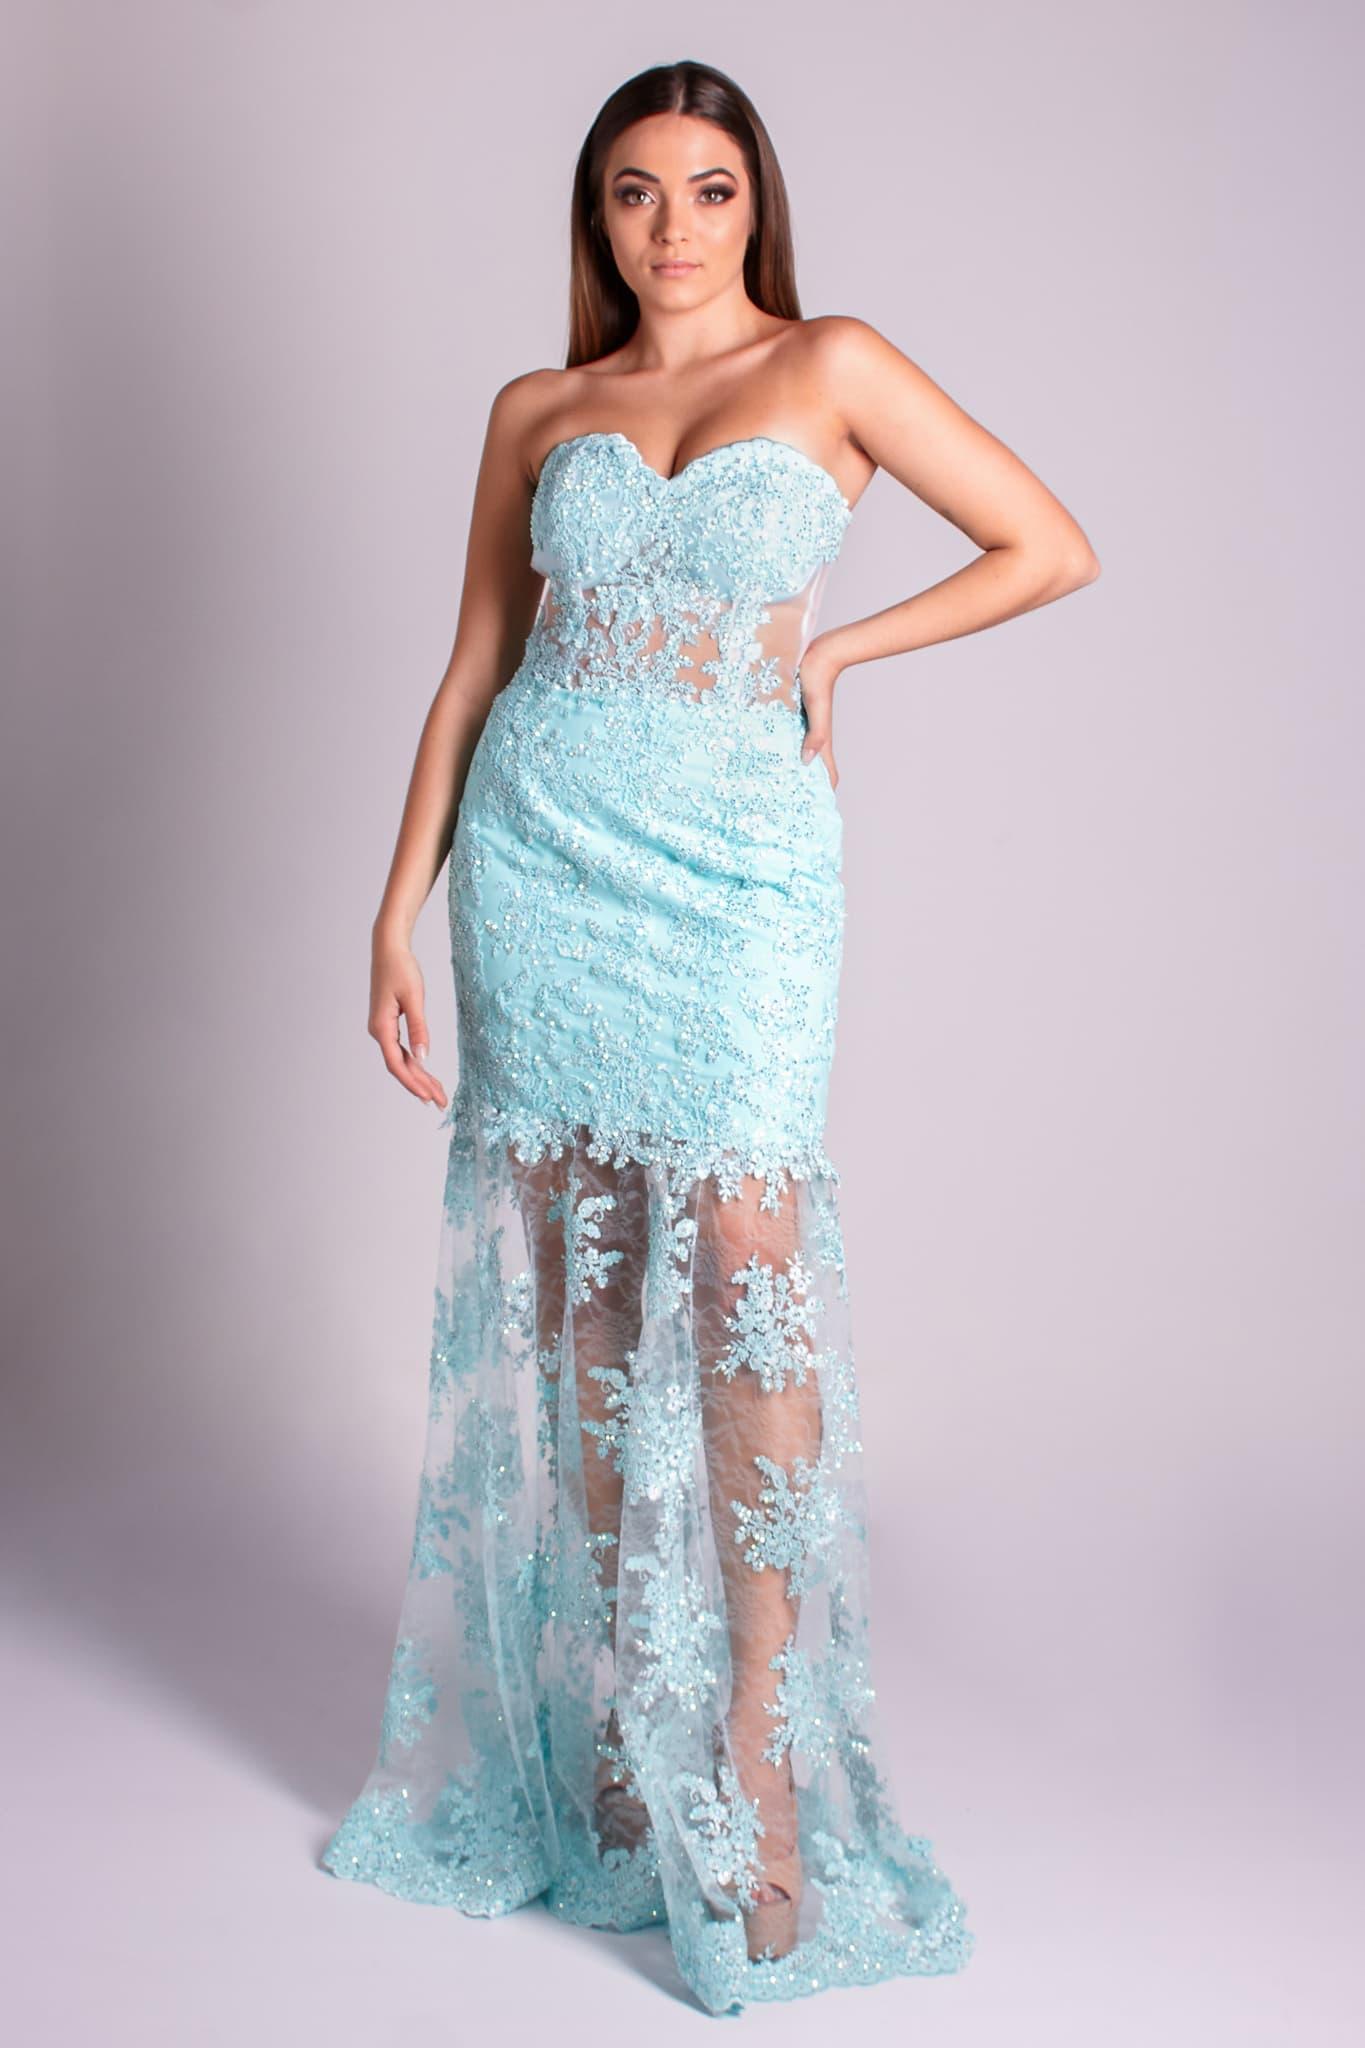 110 - Vestido azul serenity de renda com cristais e transparência